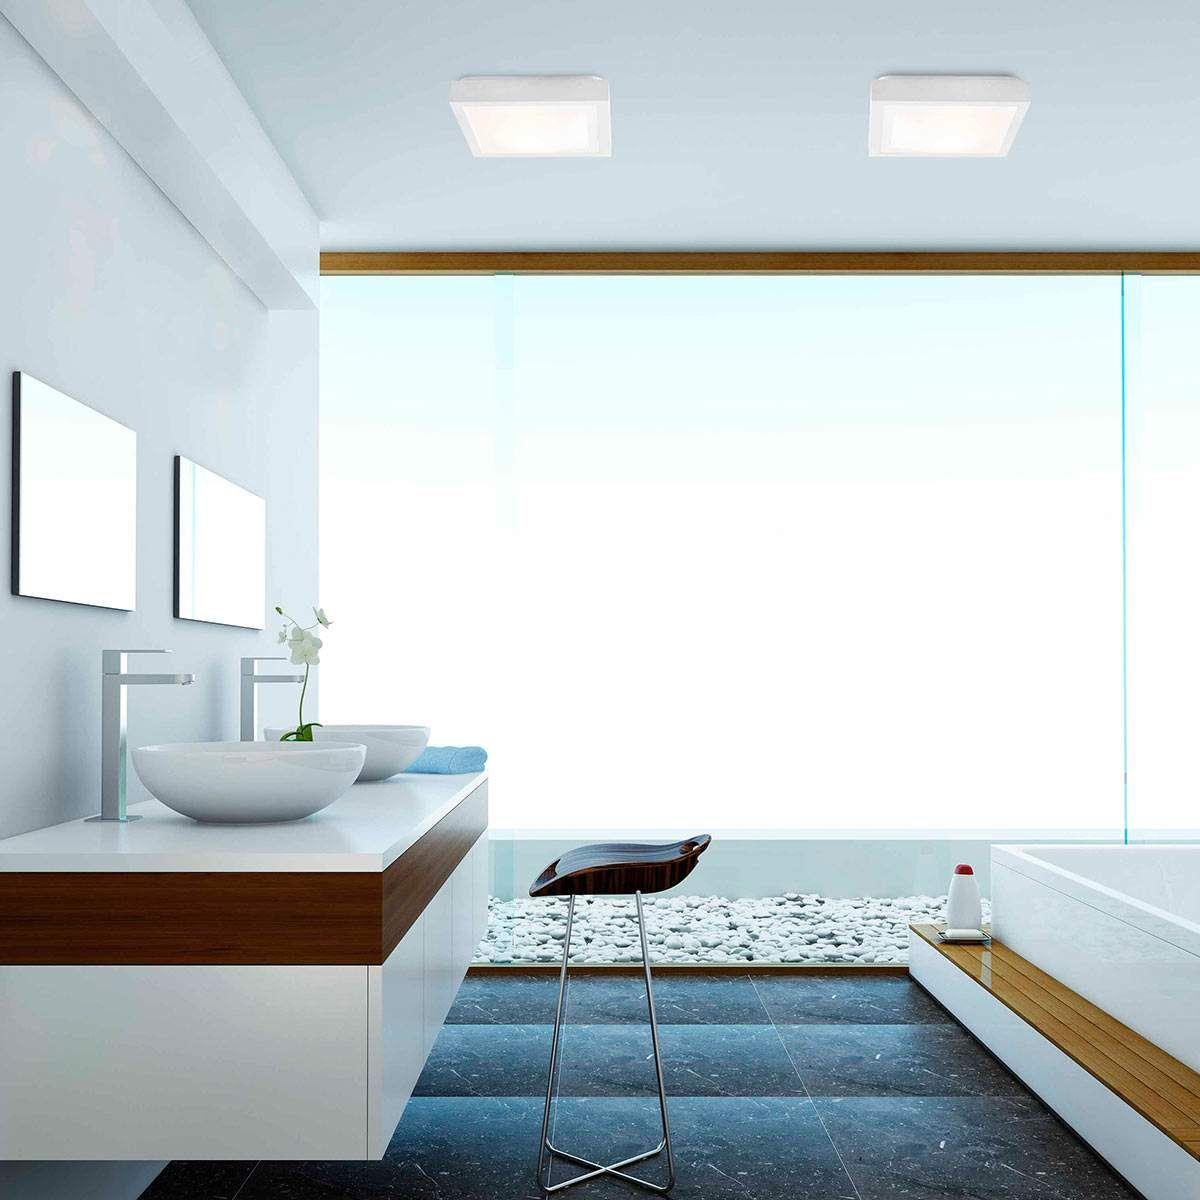 Badezimmer Deckenleuchte Tola In Eckiger Form Badezimmer